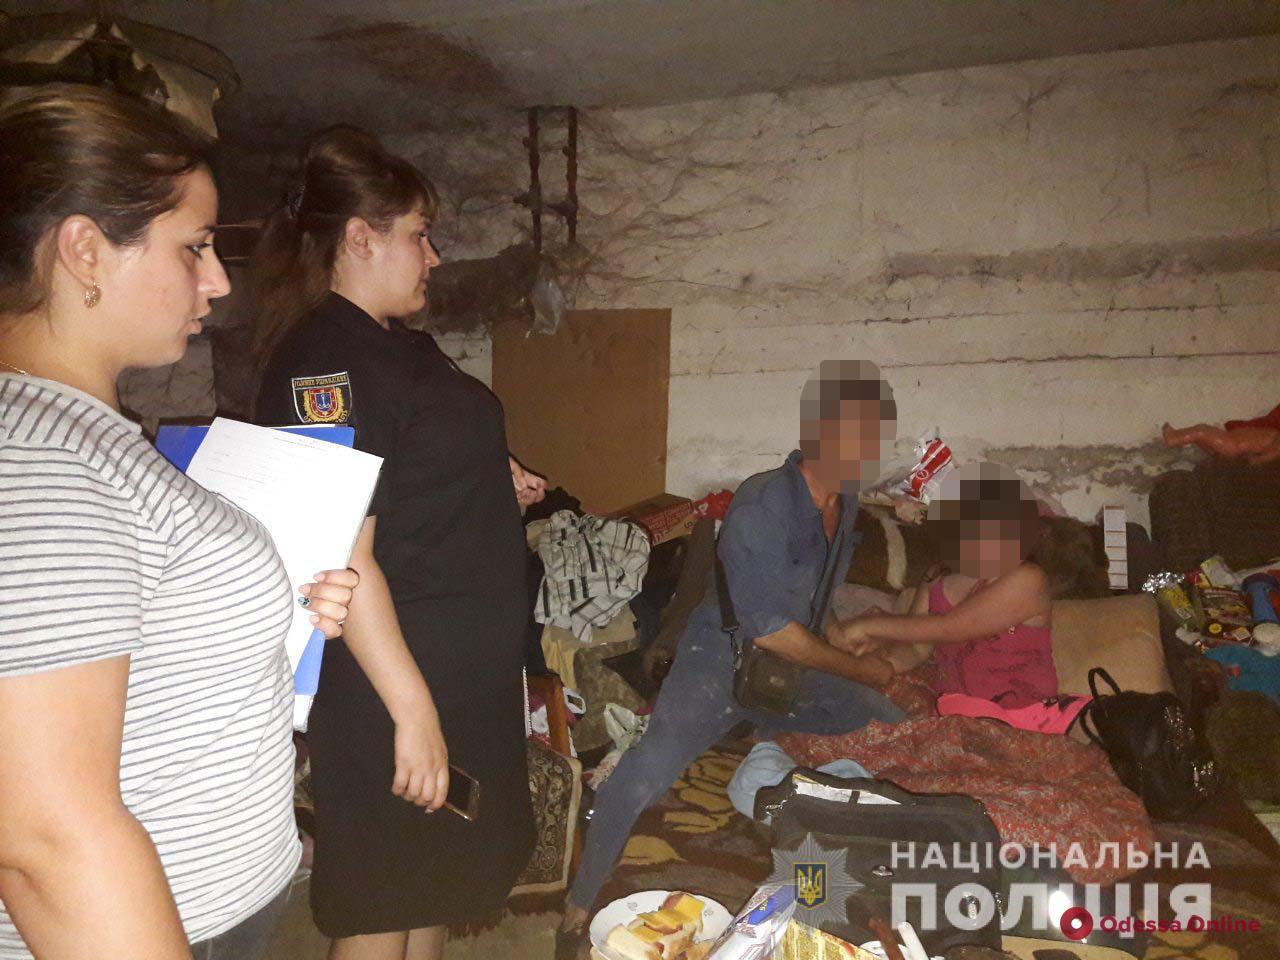 В Одесской области 11-летняя девочка жила с отцом в подвале многоэтажки